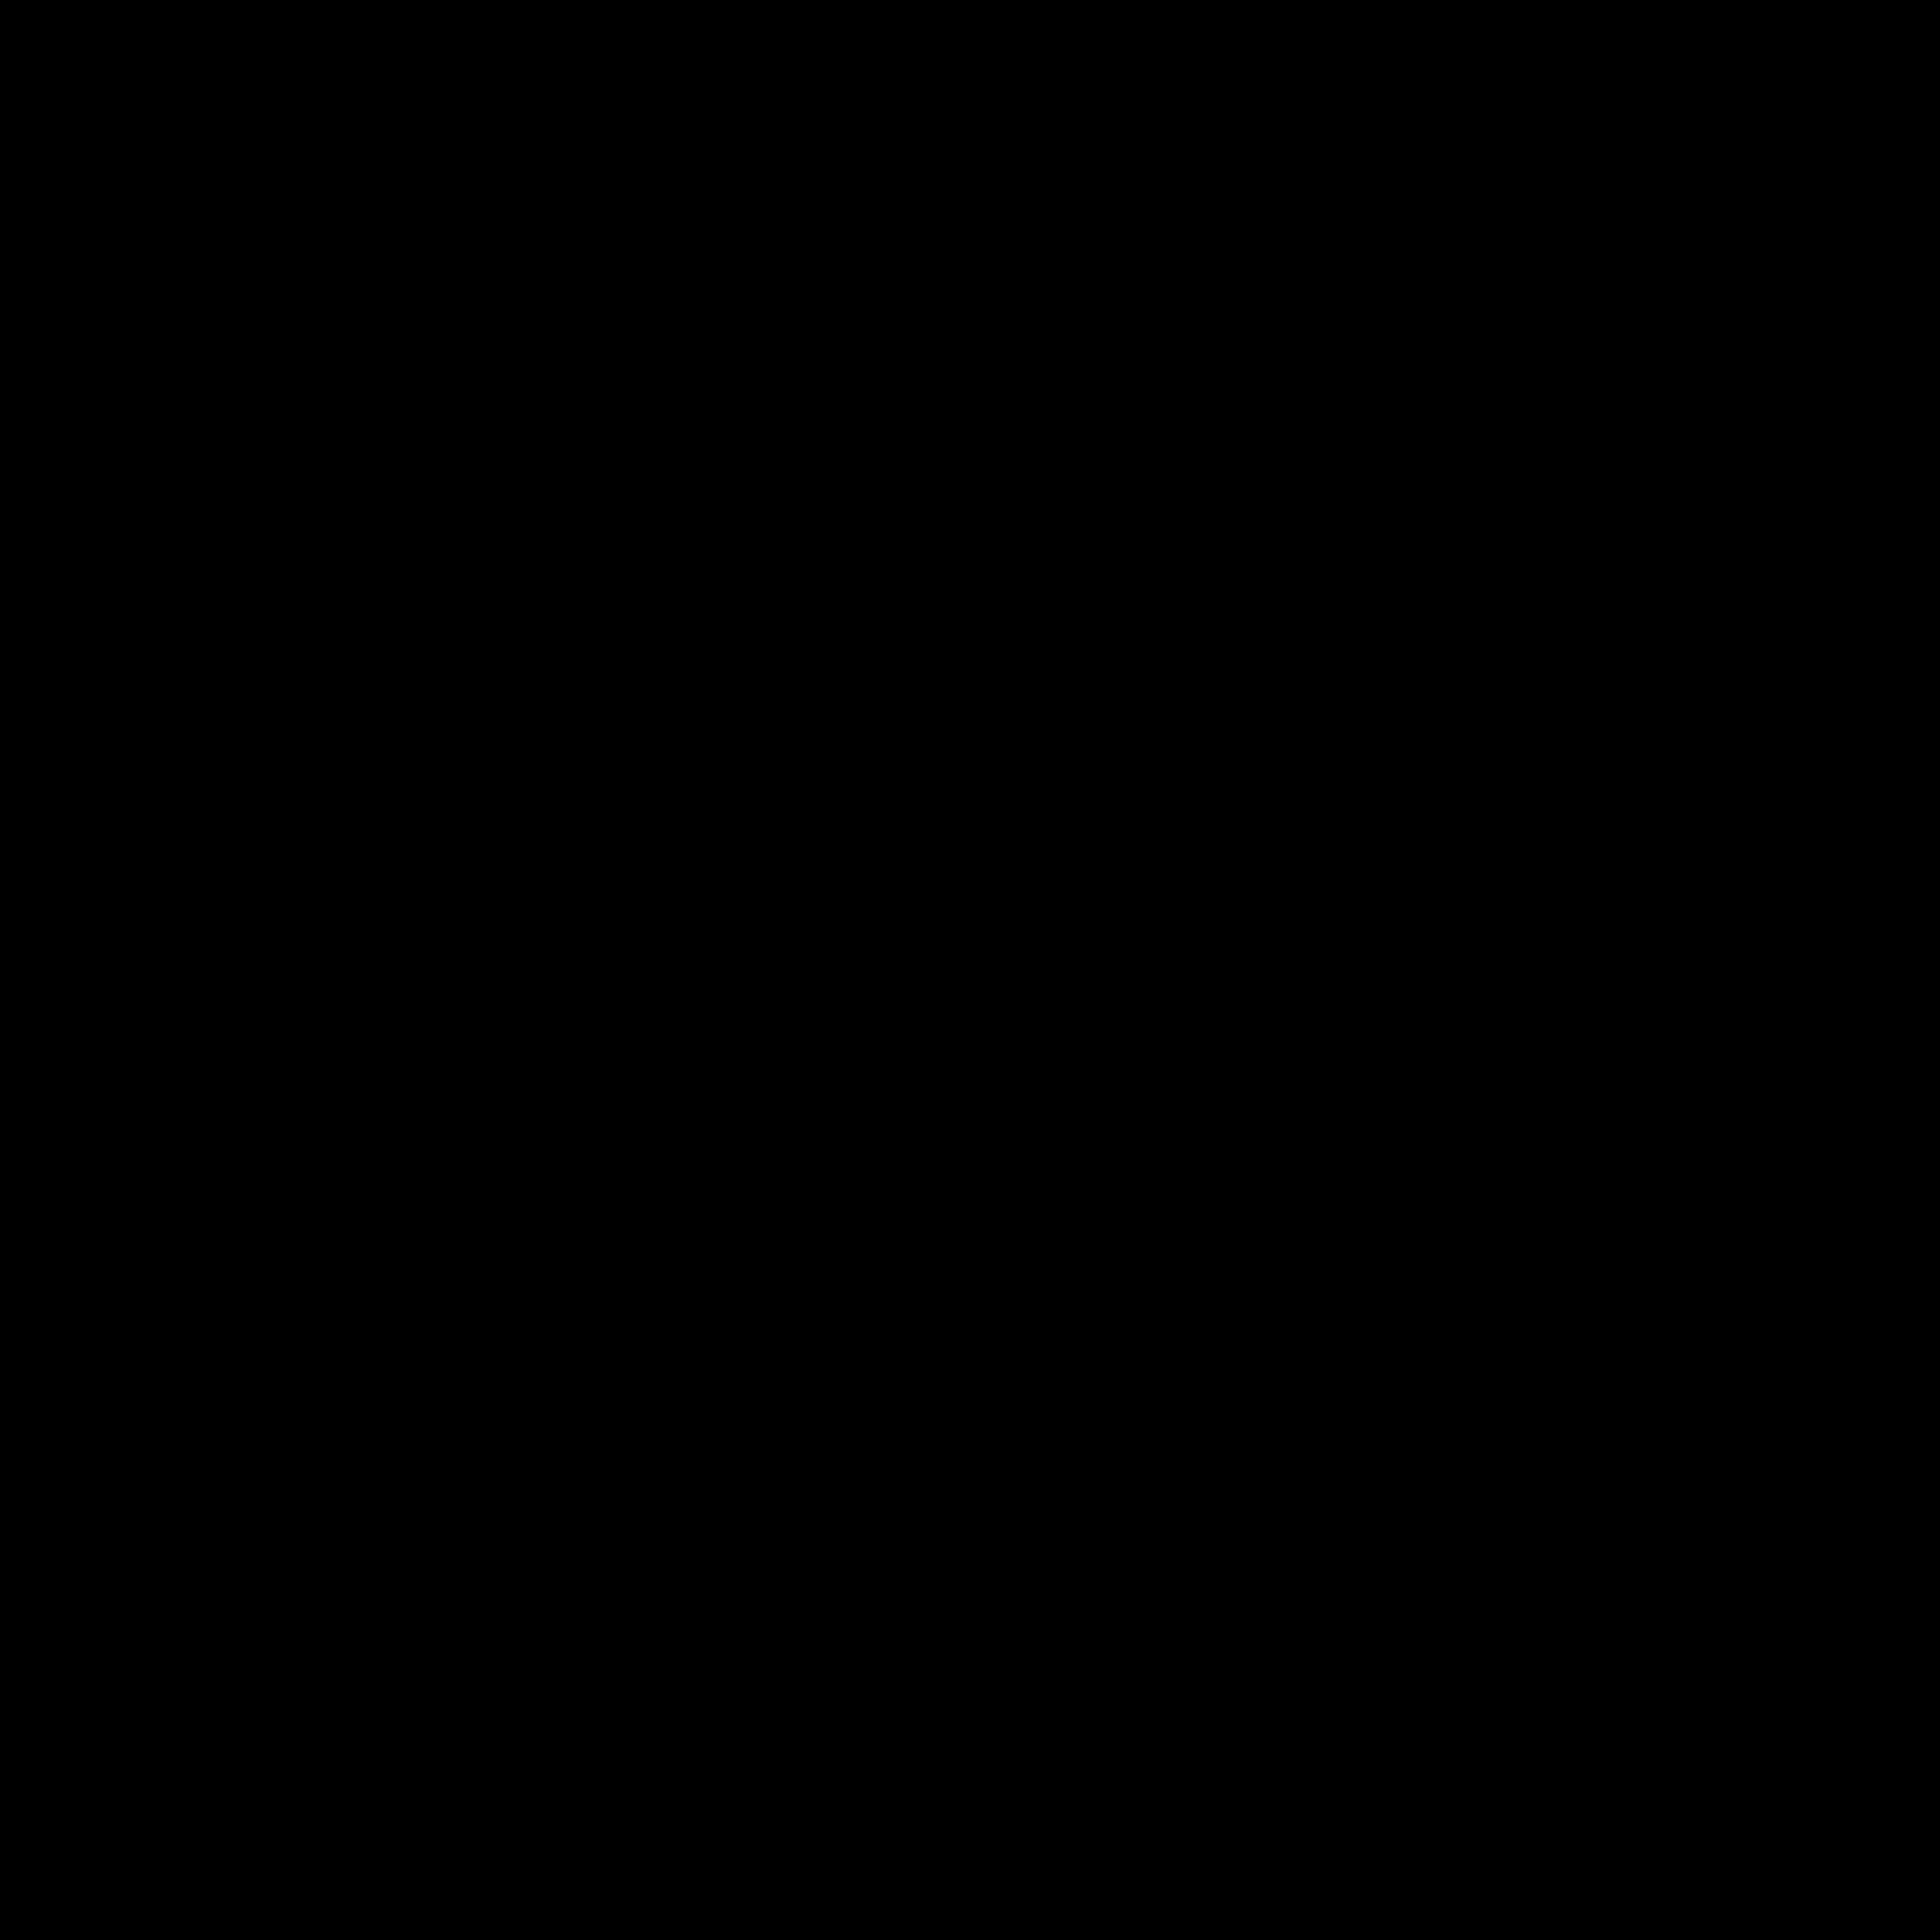 2020 Aquaponics Conference logo B3